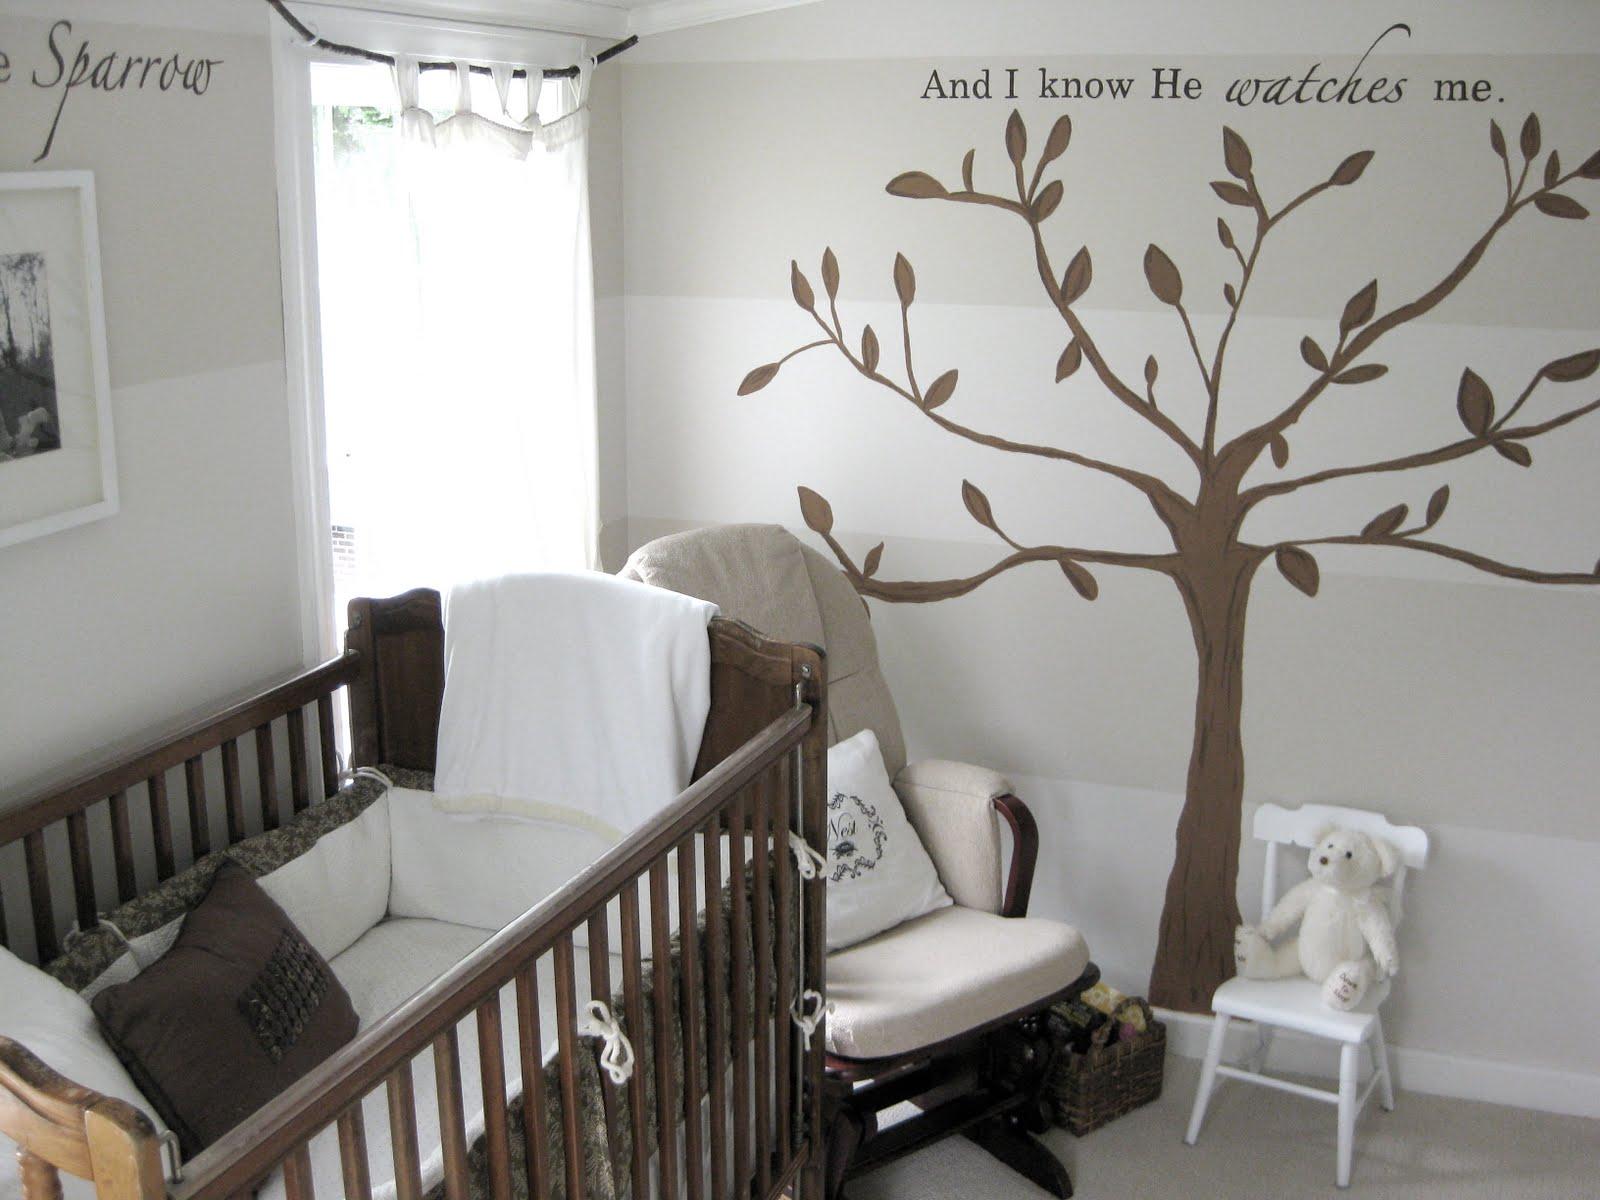 IMG 0013 - Vẽ Tranh Tường Phòng Bé